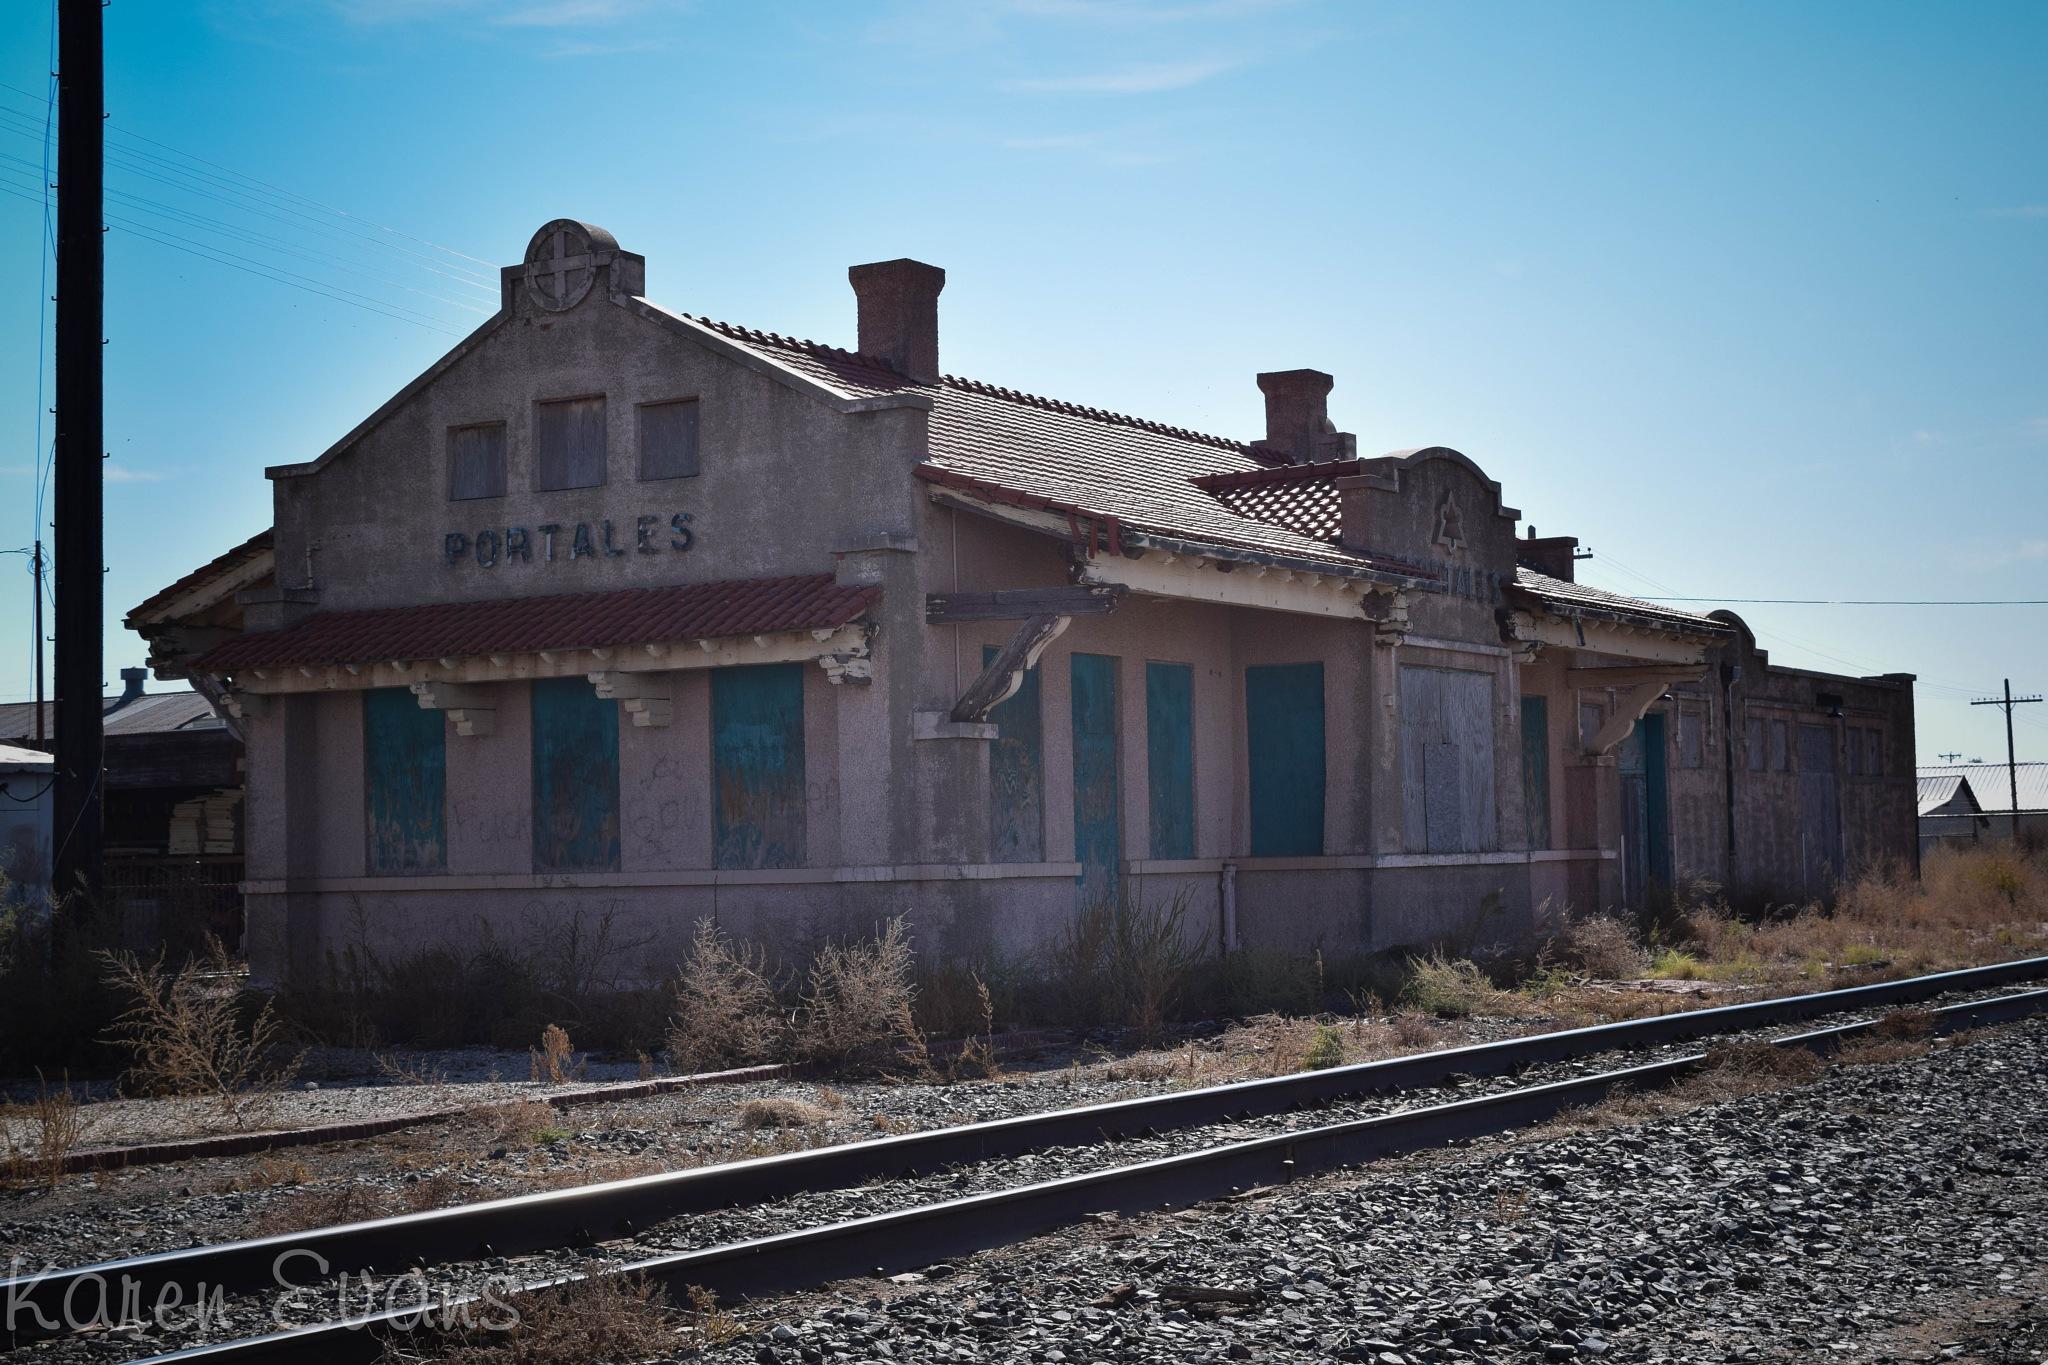 Small town train depot by Karen Evans